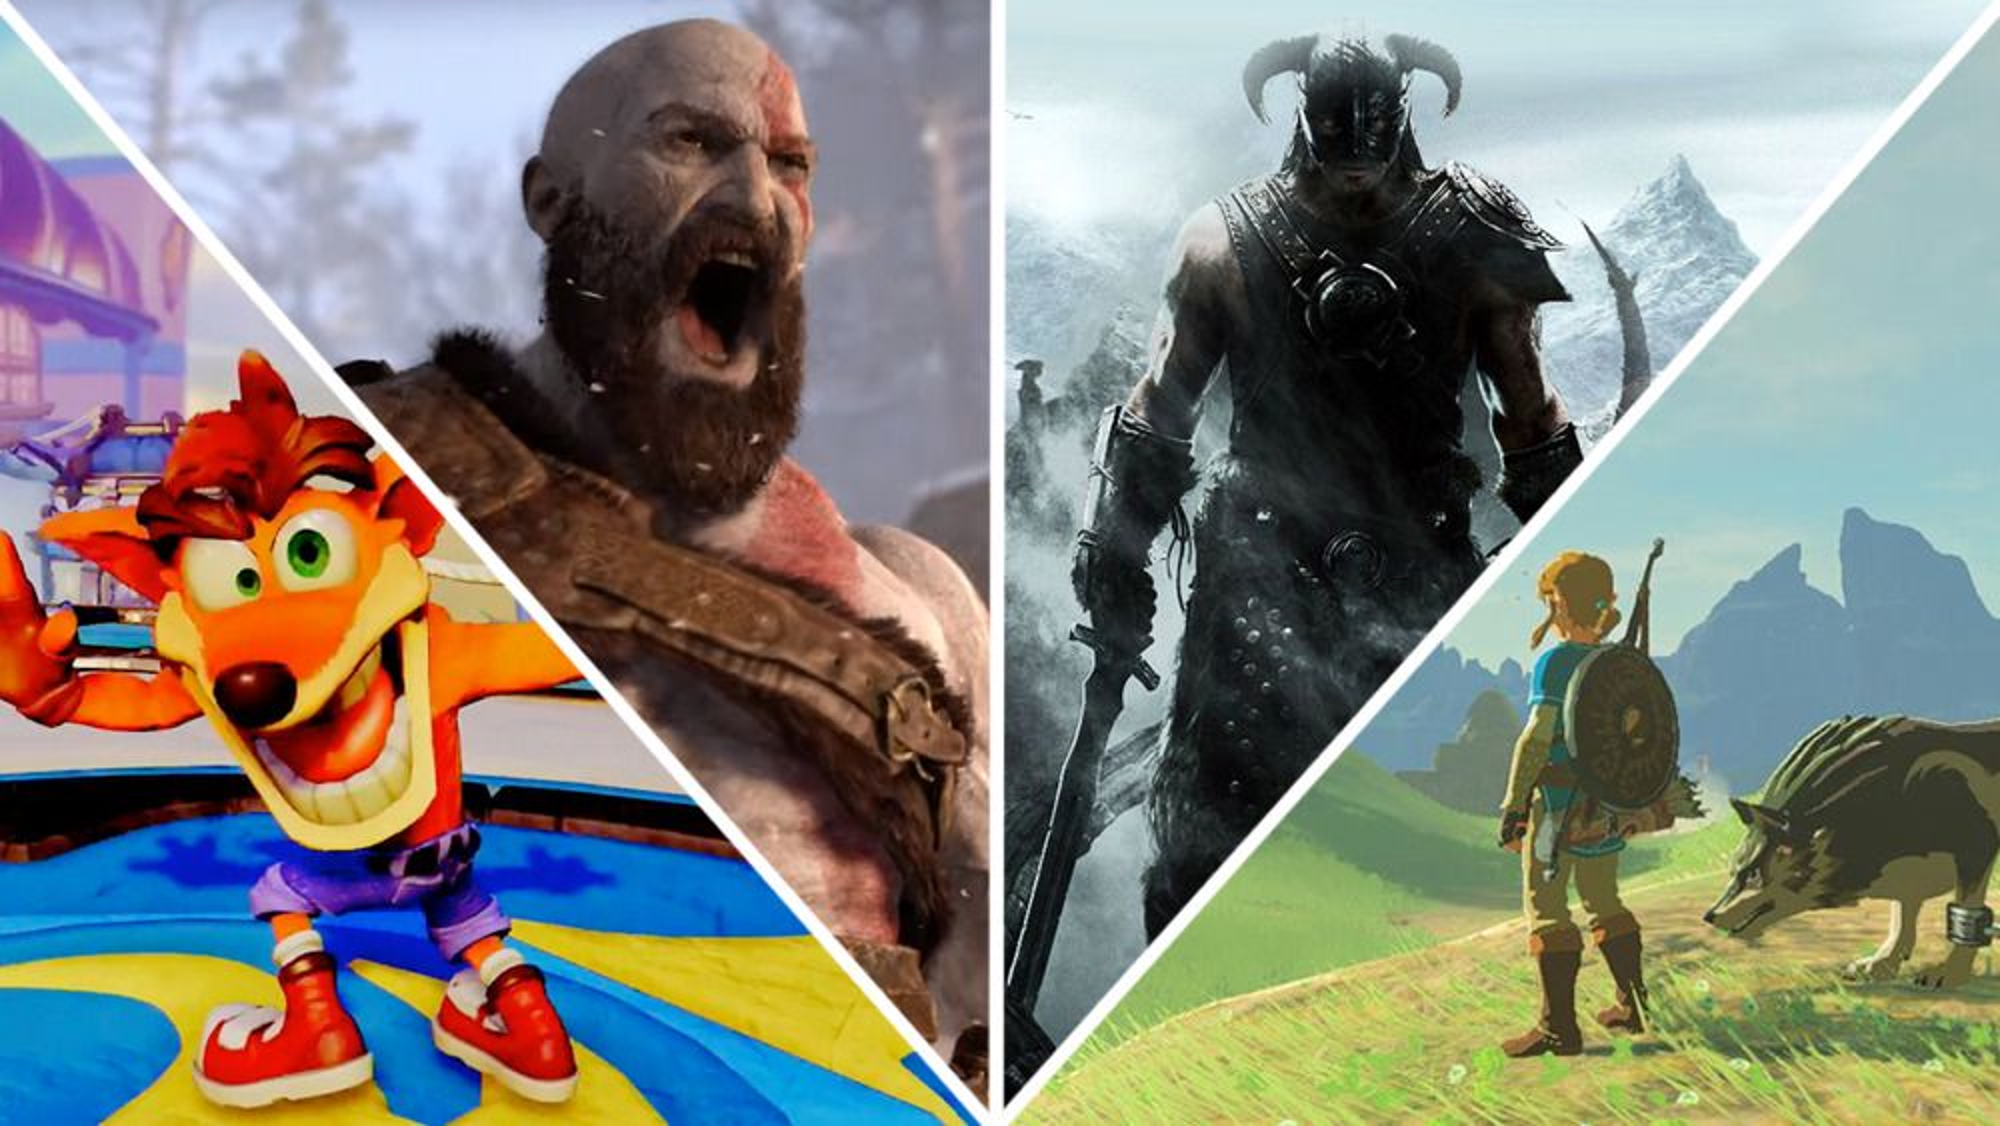 FEATURE: Dette er de største nyhetene fra E3 2016